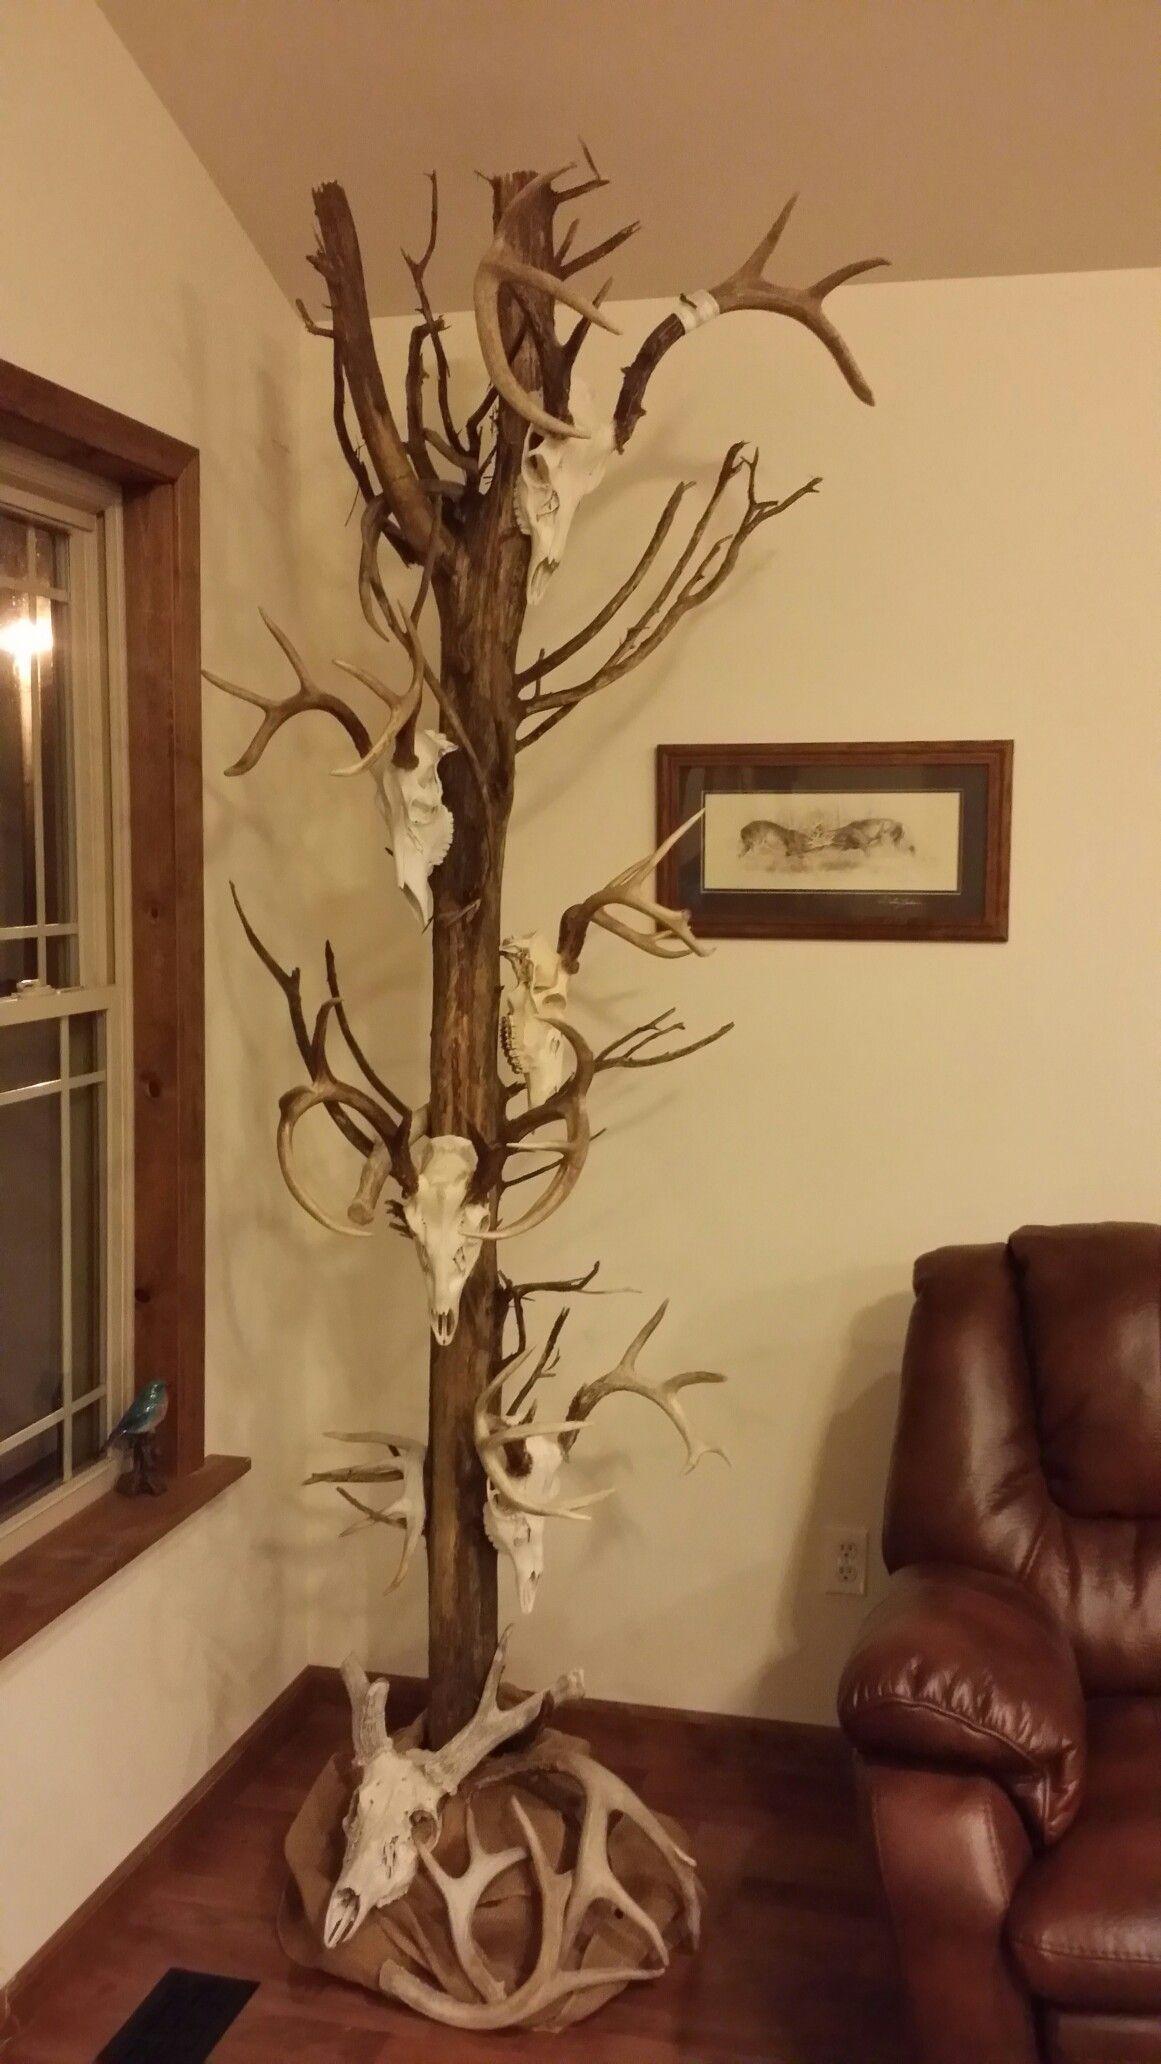 Indoor Skull Tree Display Deer Antler Decor Deer Hunting Decor Antlers Decor